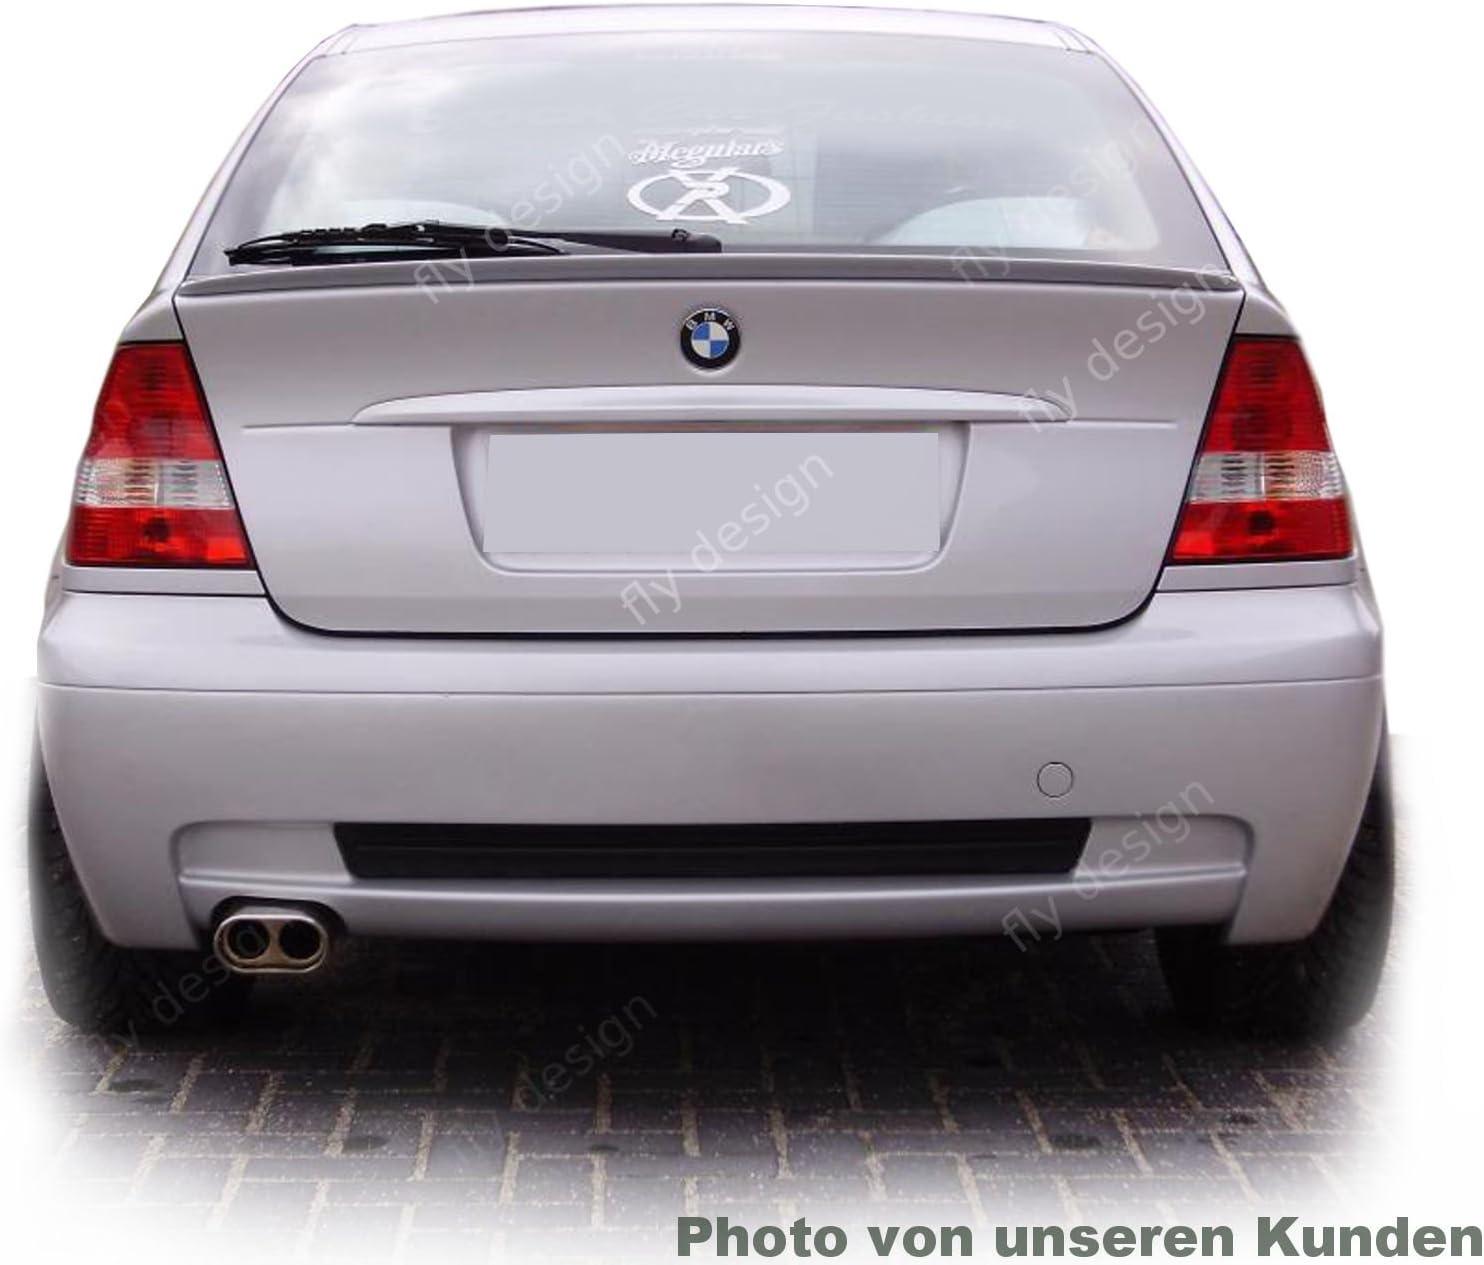 TYP UKL-L//F46 5-Door 2015 Komplett-Set f/ür die hinteren Seitenscheiben und die Heckscheibe-CLI0078397ABC passend f/ür BMW 2ER Gran Tourer Van